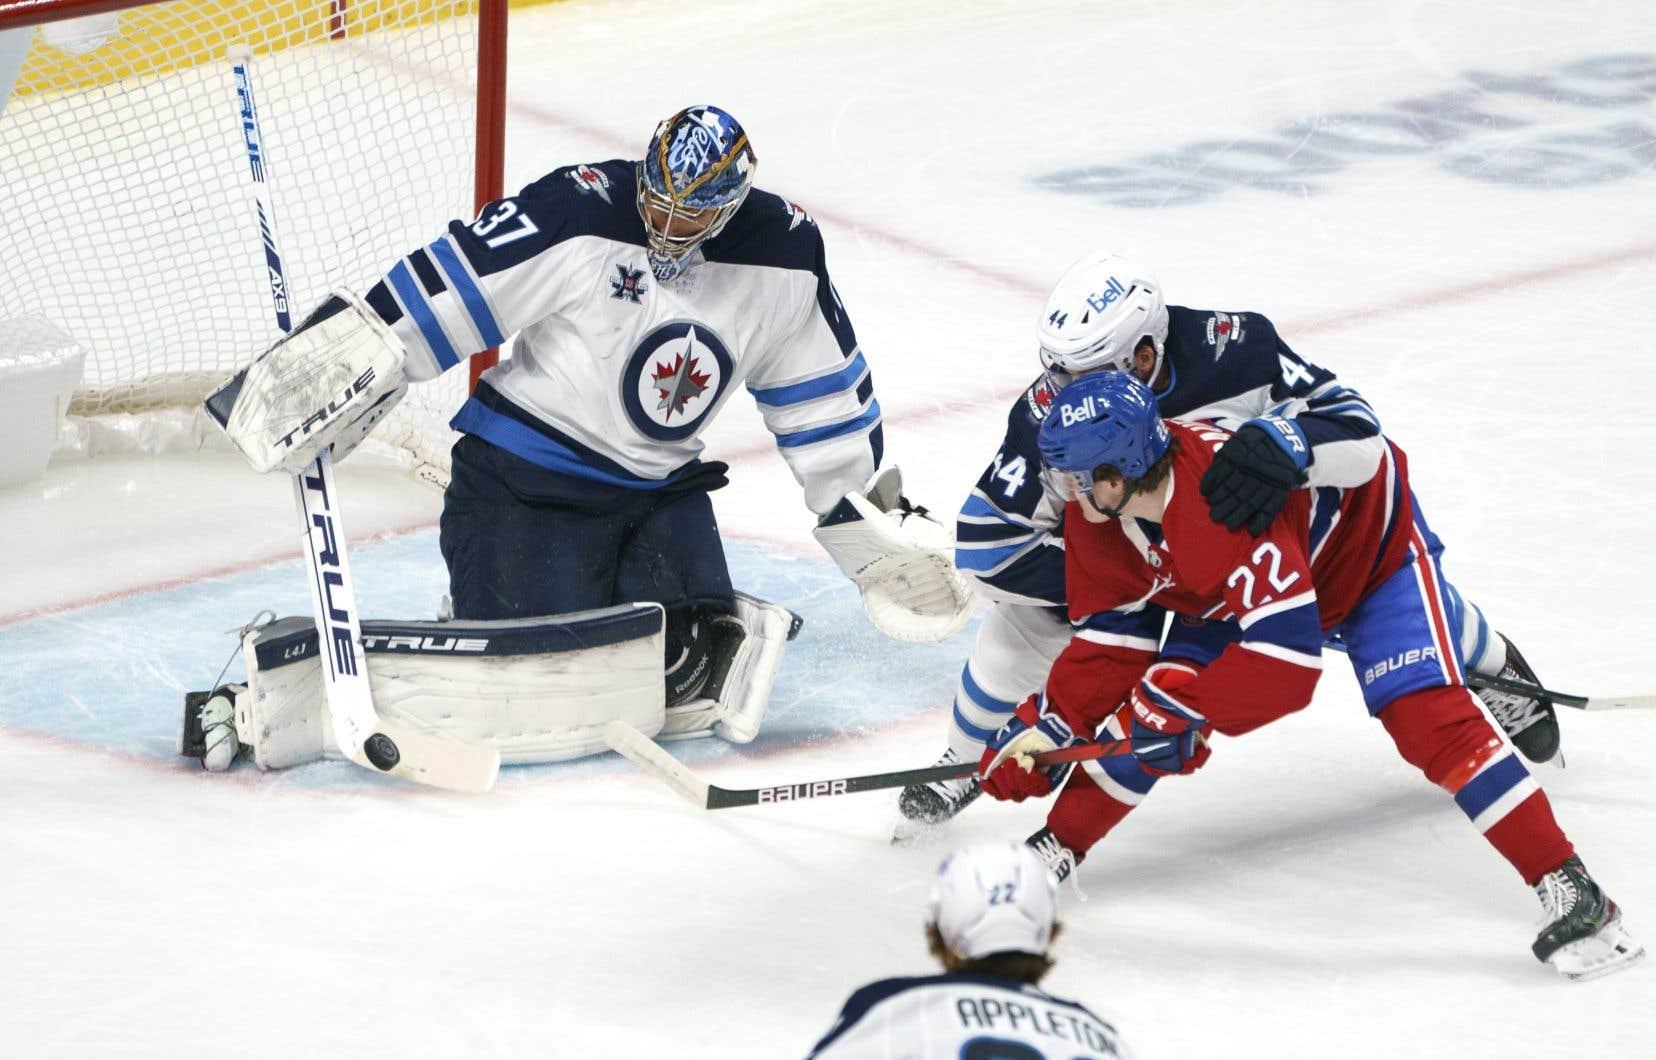 Leur série face au Canadien de Montréal en sera une de gardiens de but.